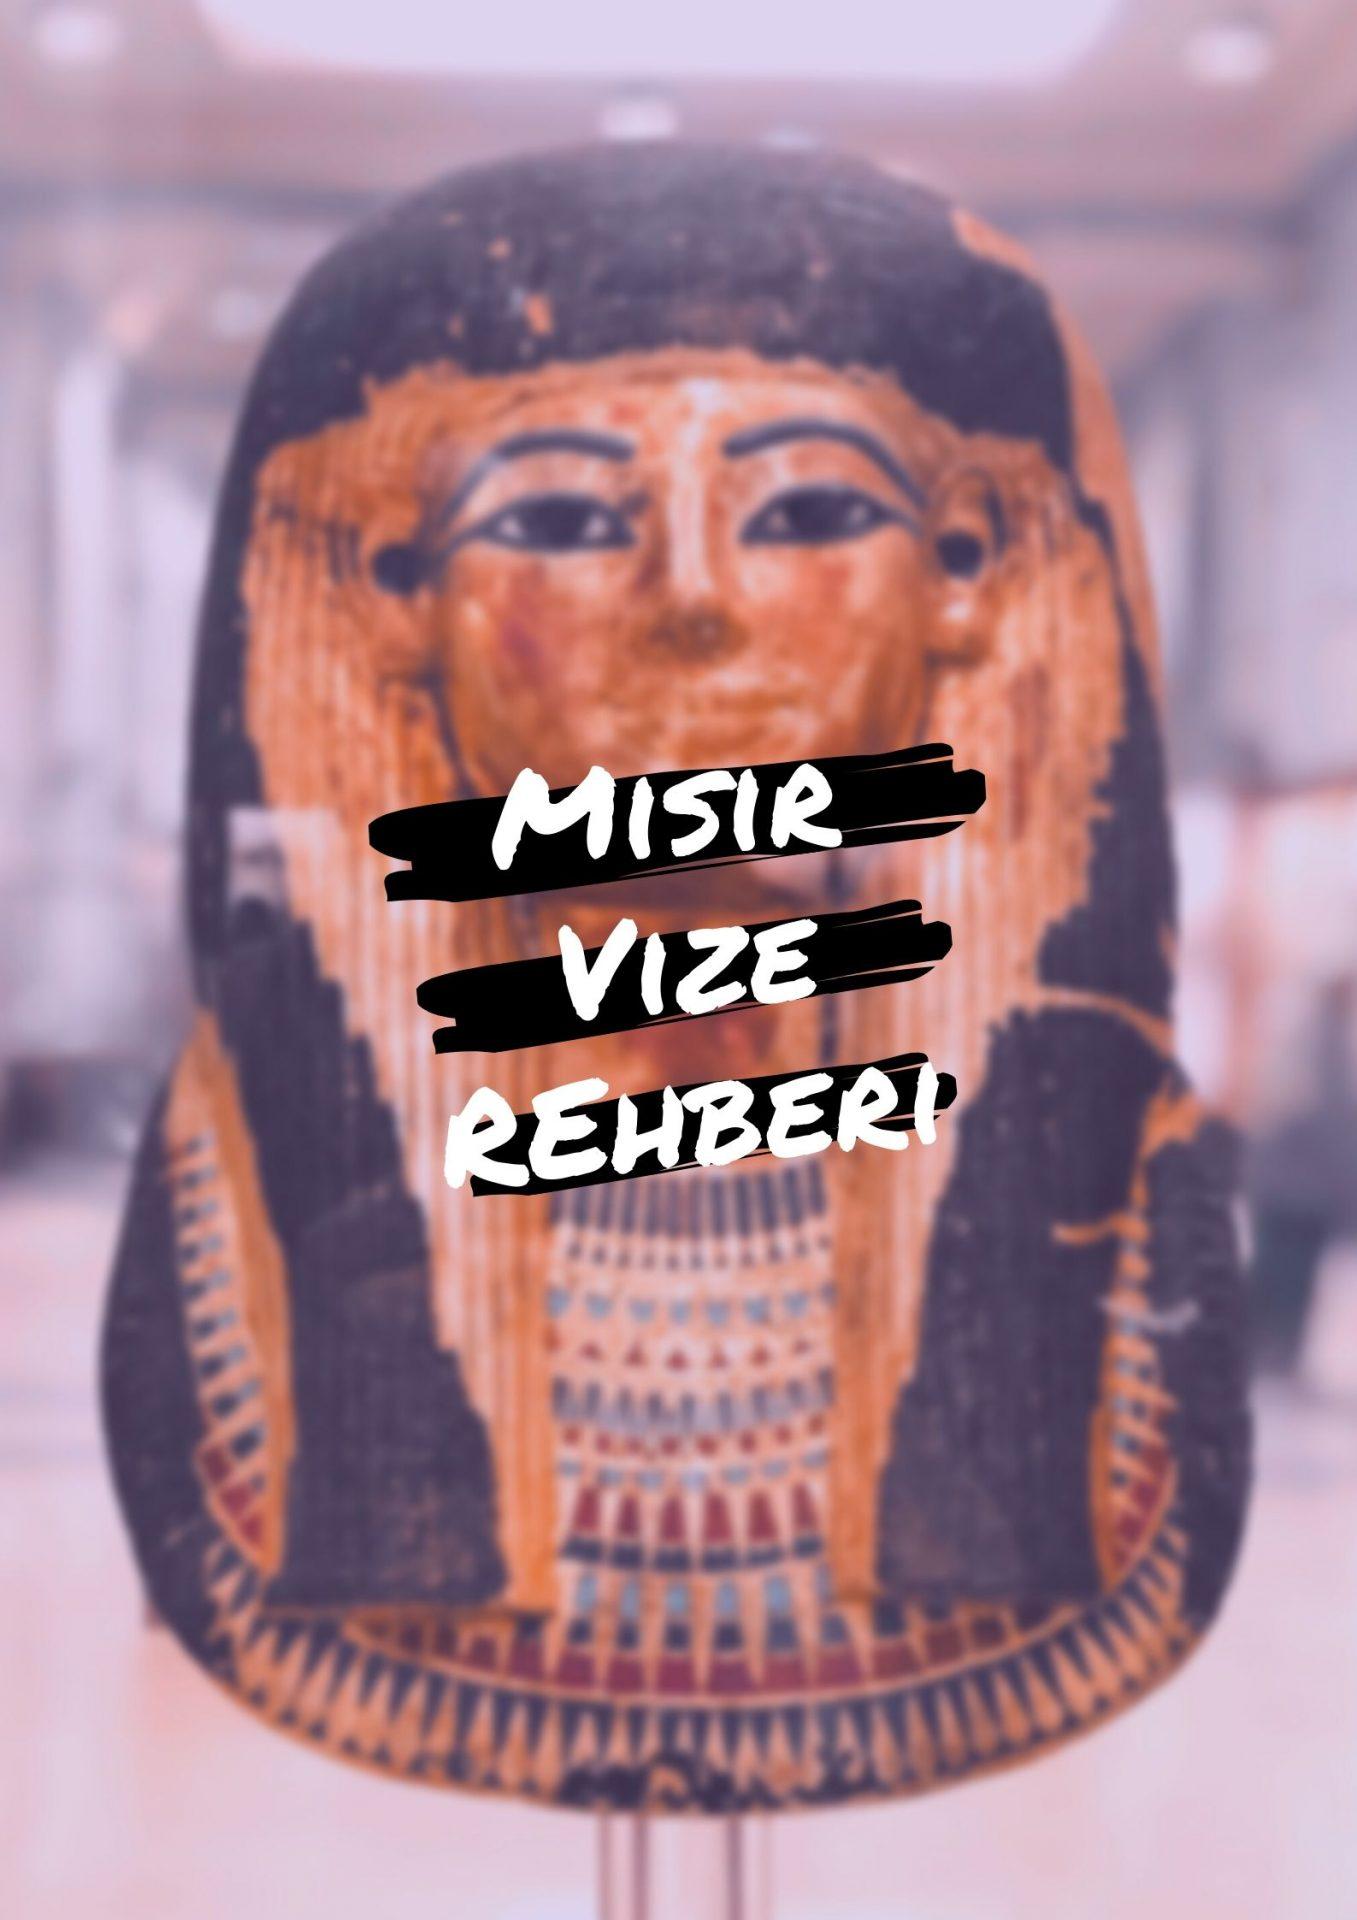 Mısır Vize Rehberi - vize ofis ankara, vizeofis